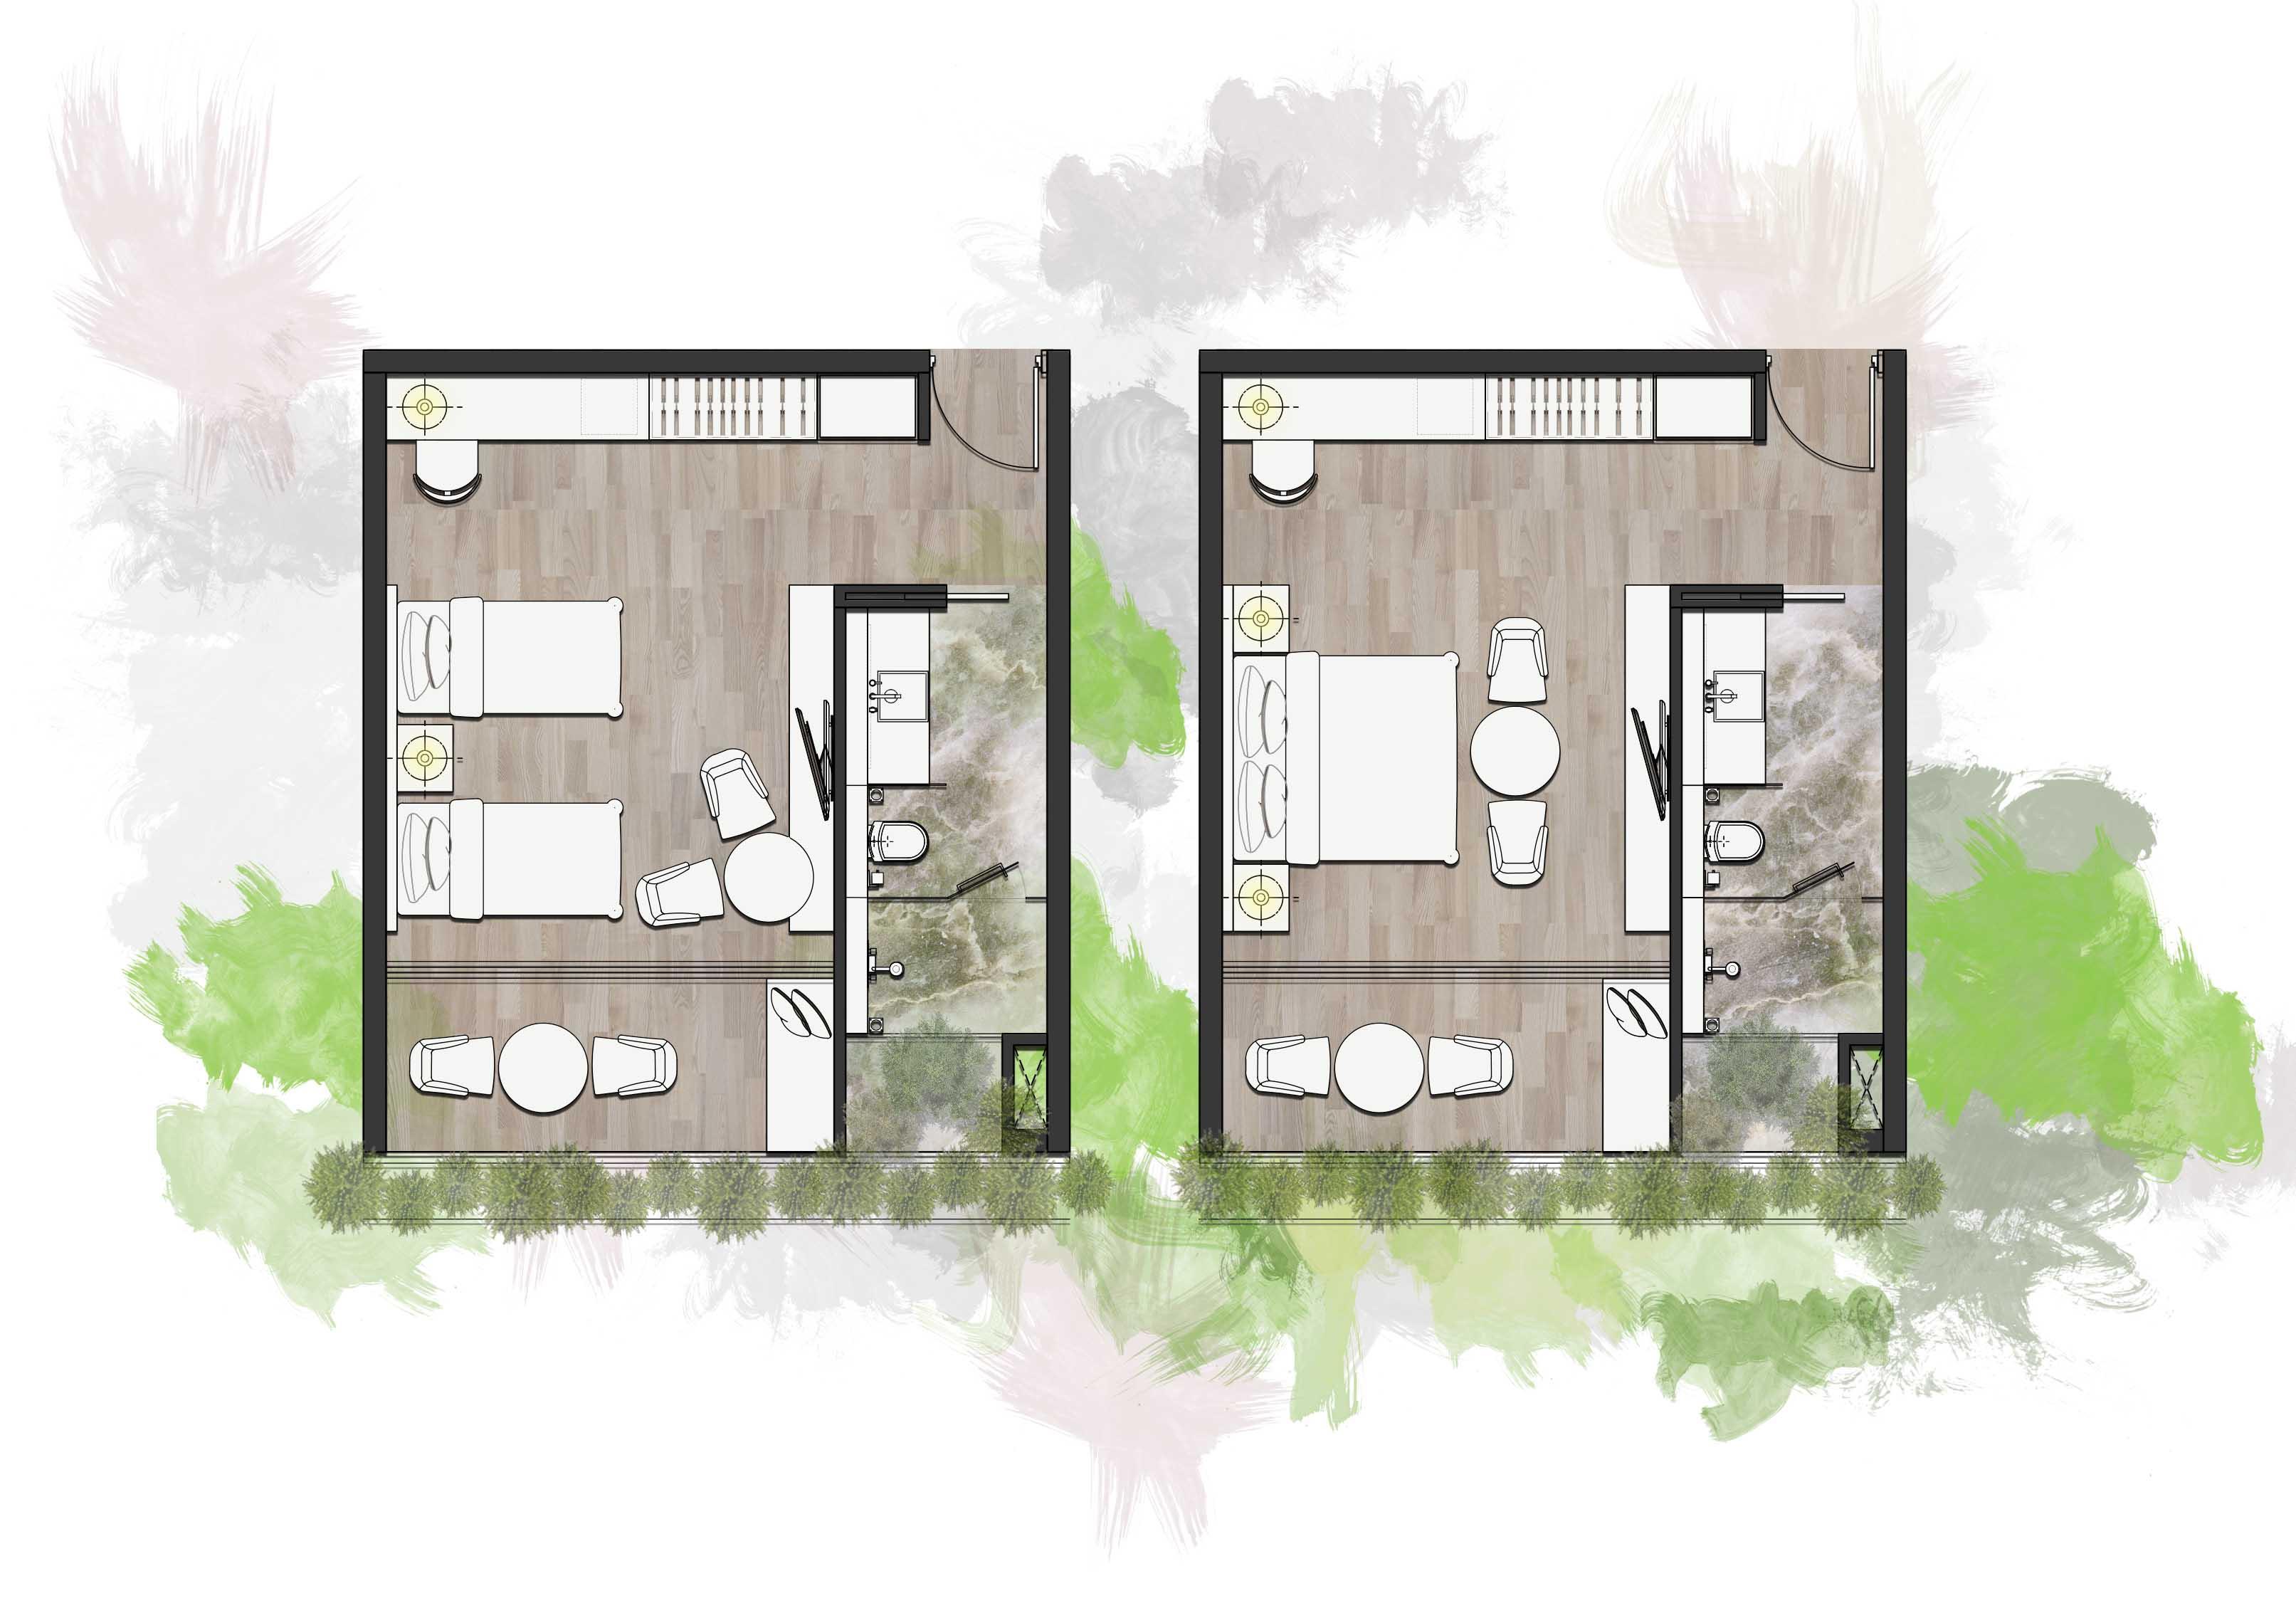 Standard Room Floorplan